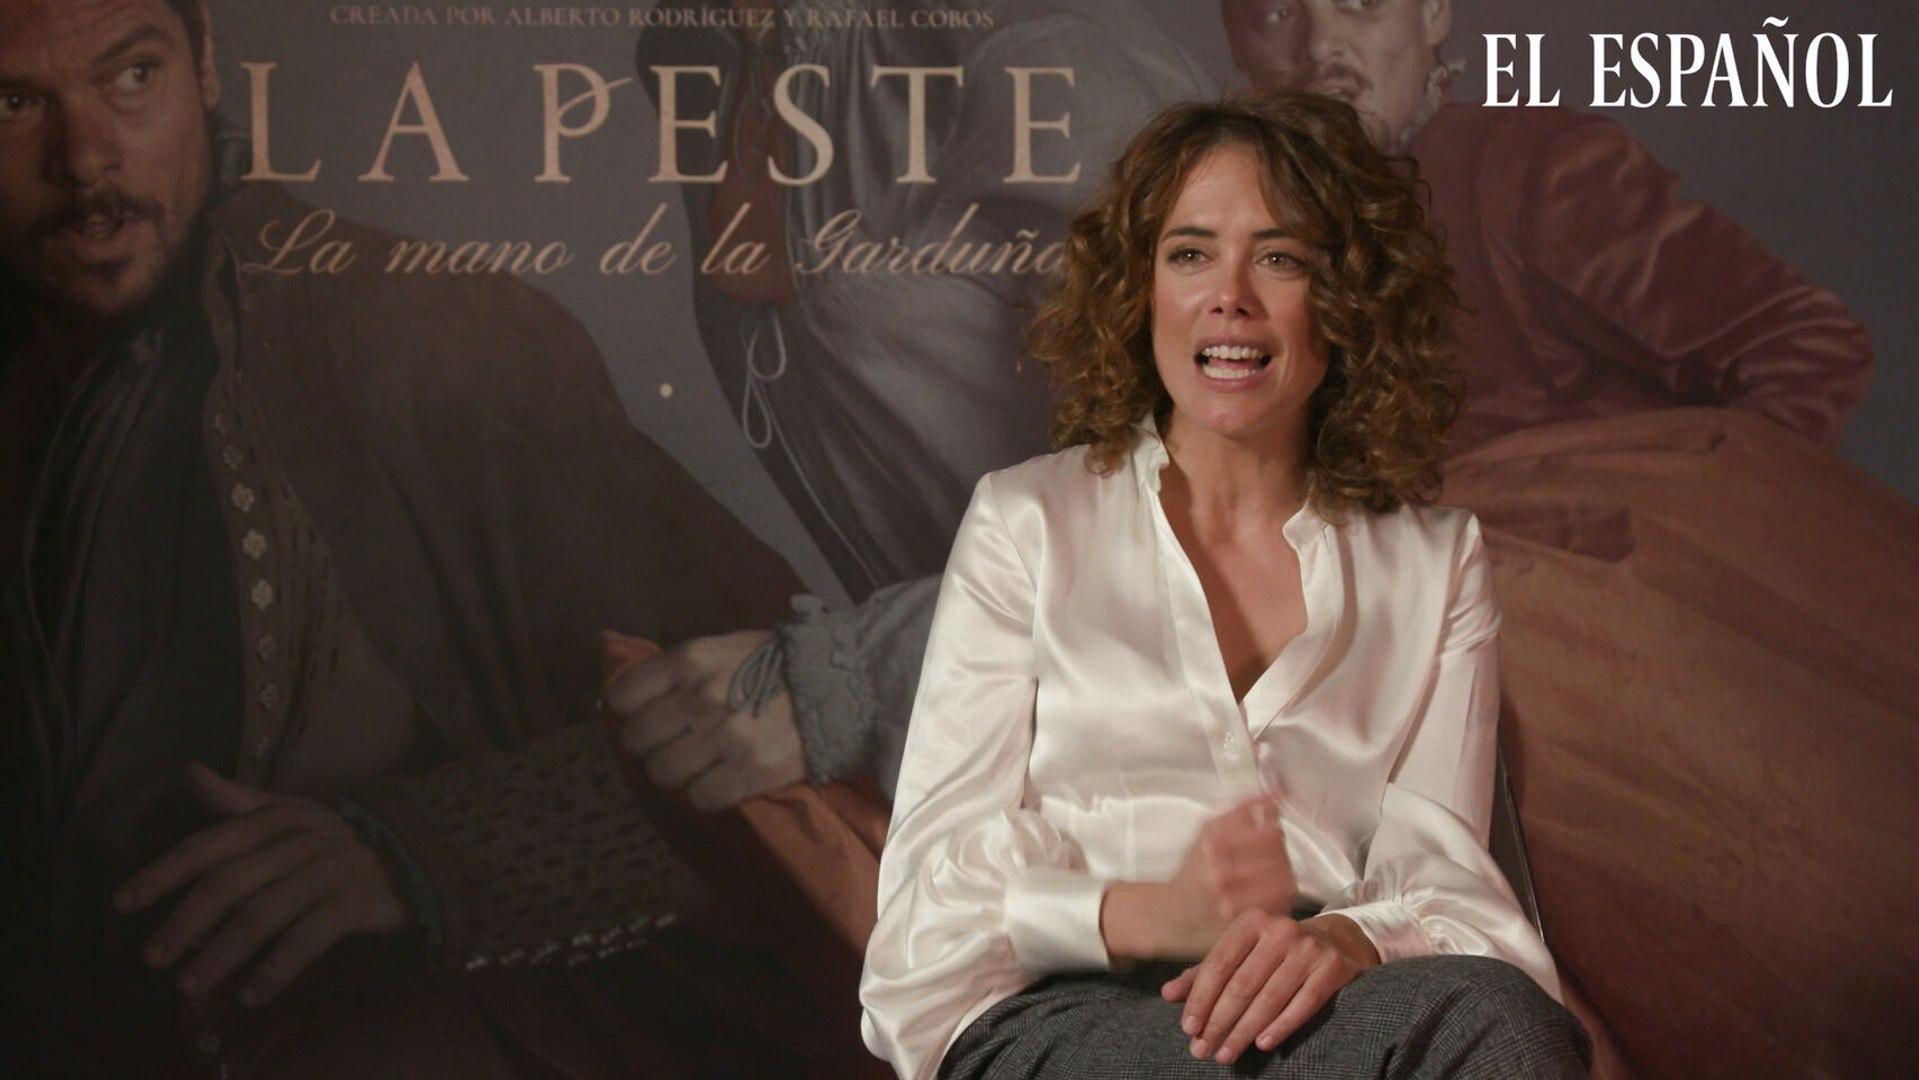 Asuncion Actriz Porno patricia lópez, actriz de 'la peste'